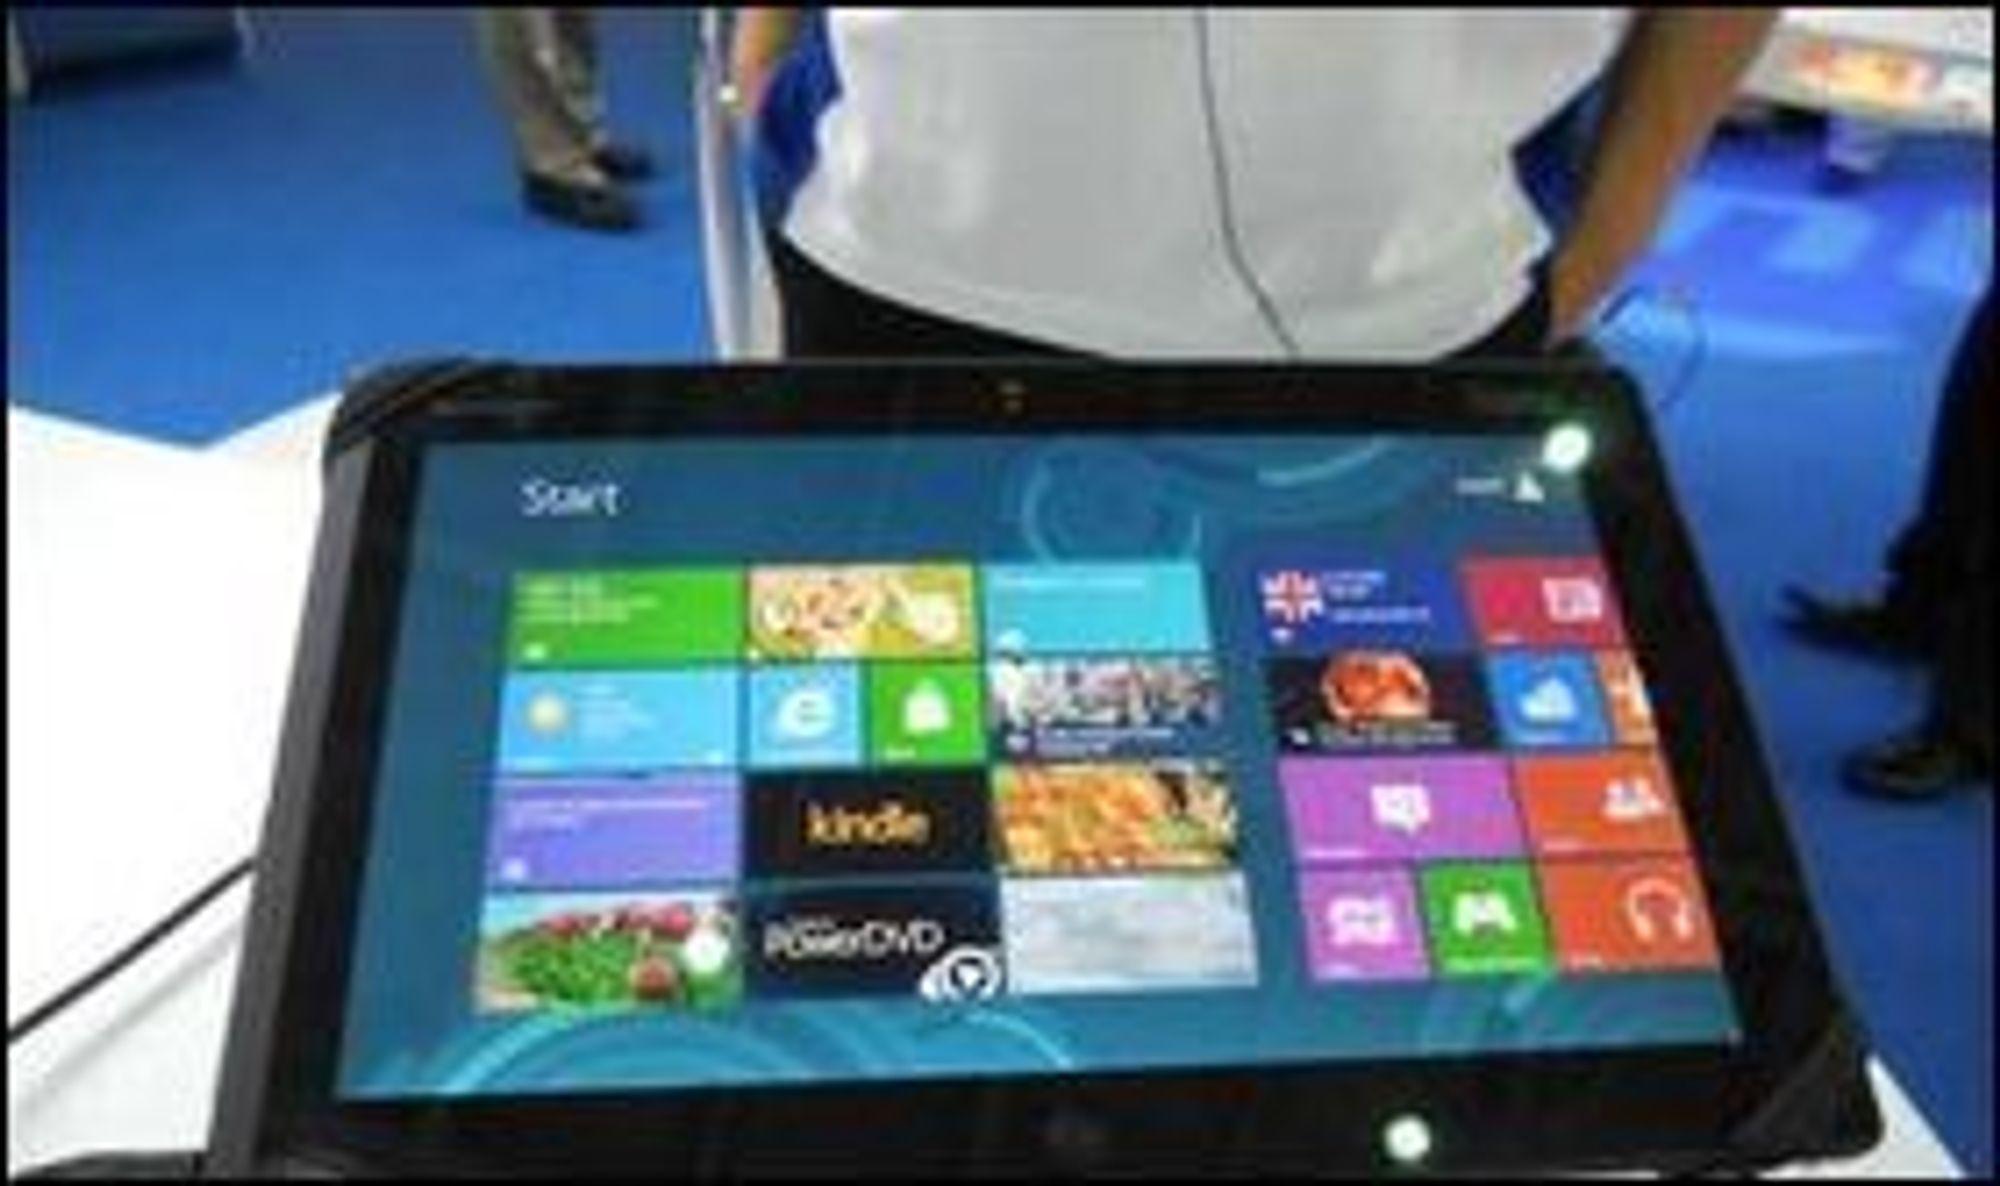 Windows 8-baserte nettbrett skal være med å gjøre Lenovo til en dominerende aktør i teknologimarkedet.